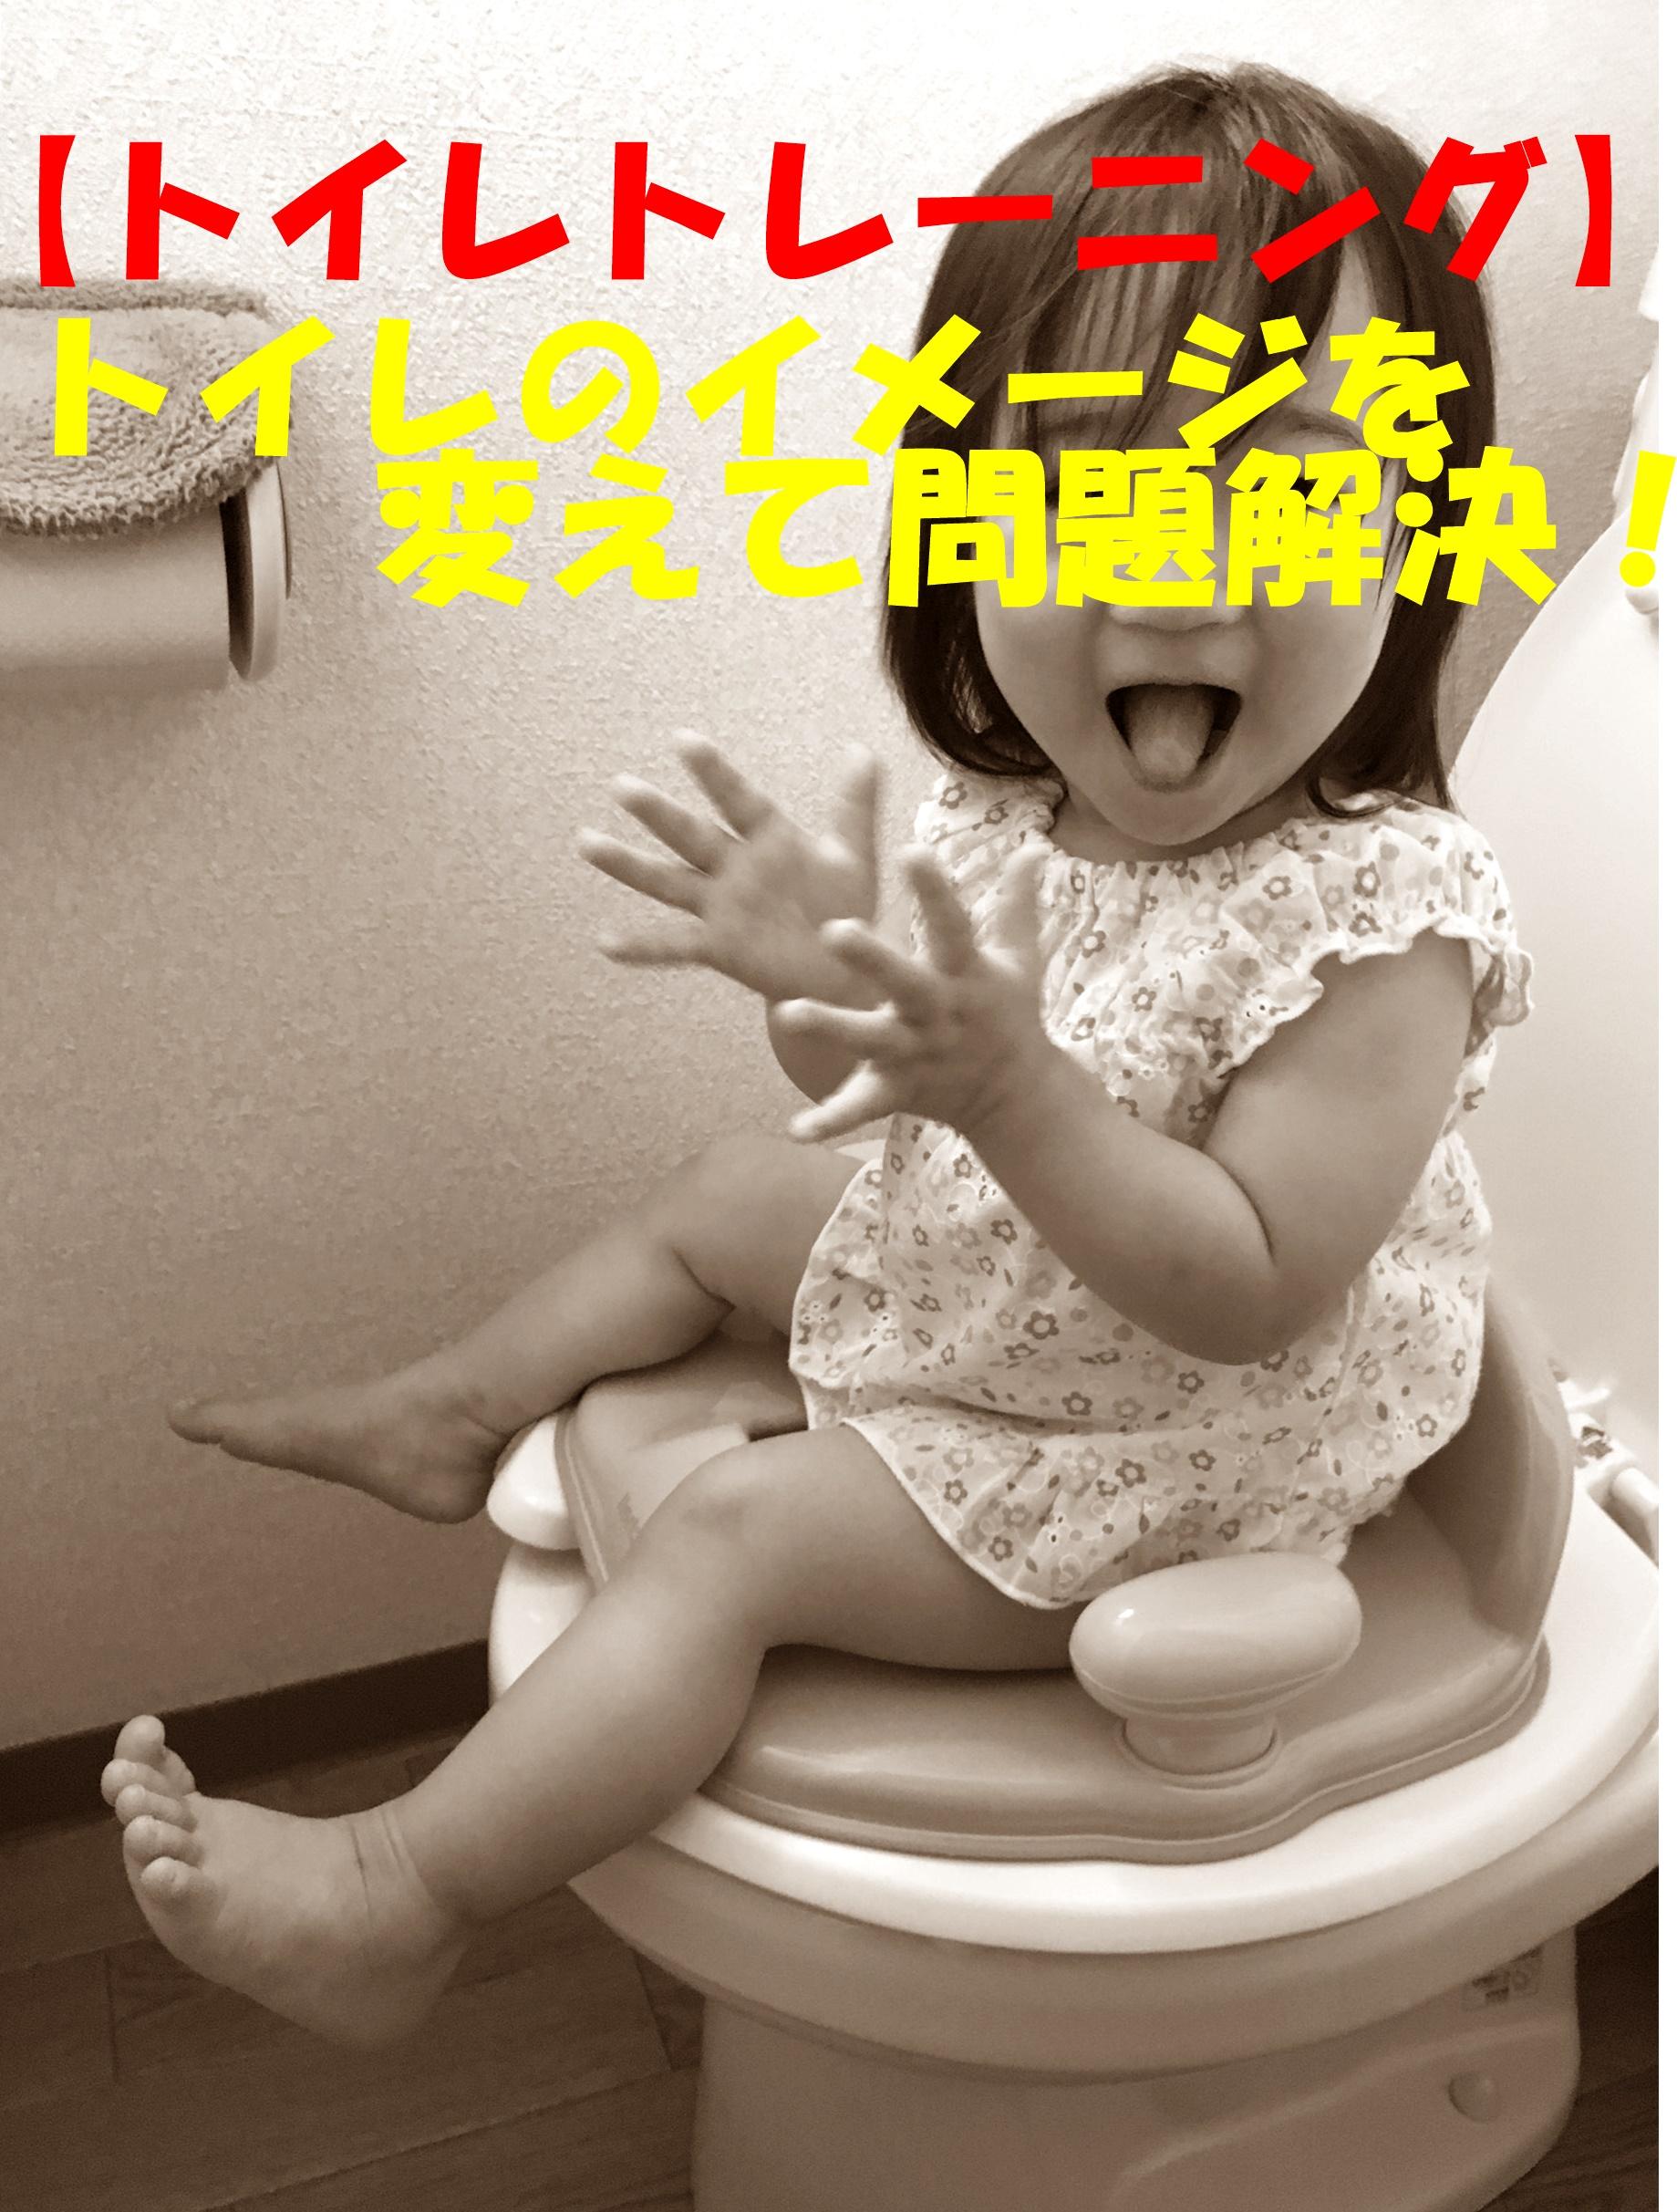 トイレトレーニングが進まないなら試してみて!我が家の子育てで実践した3つの解決法